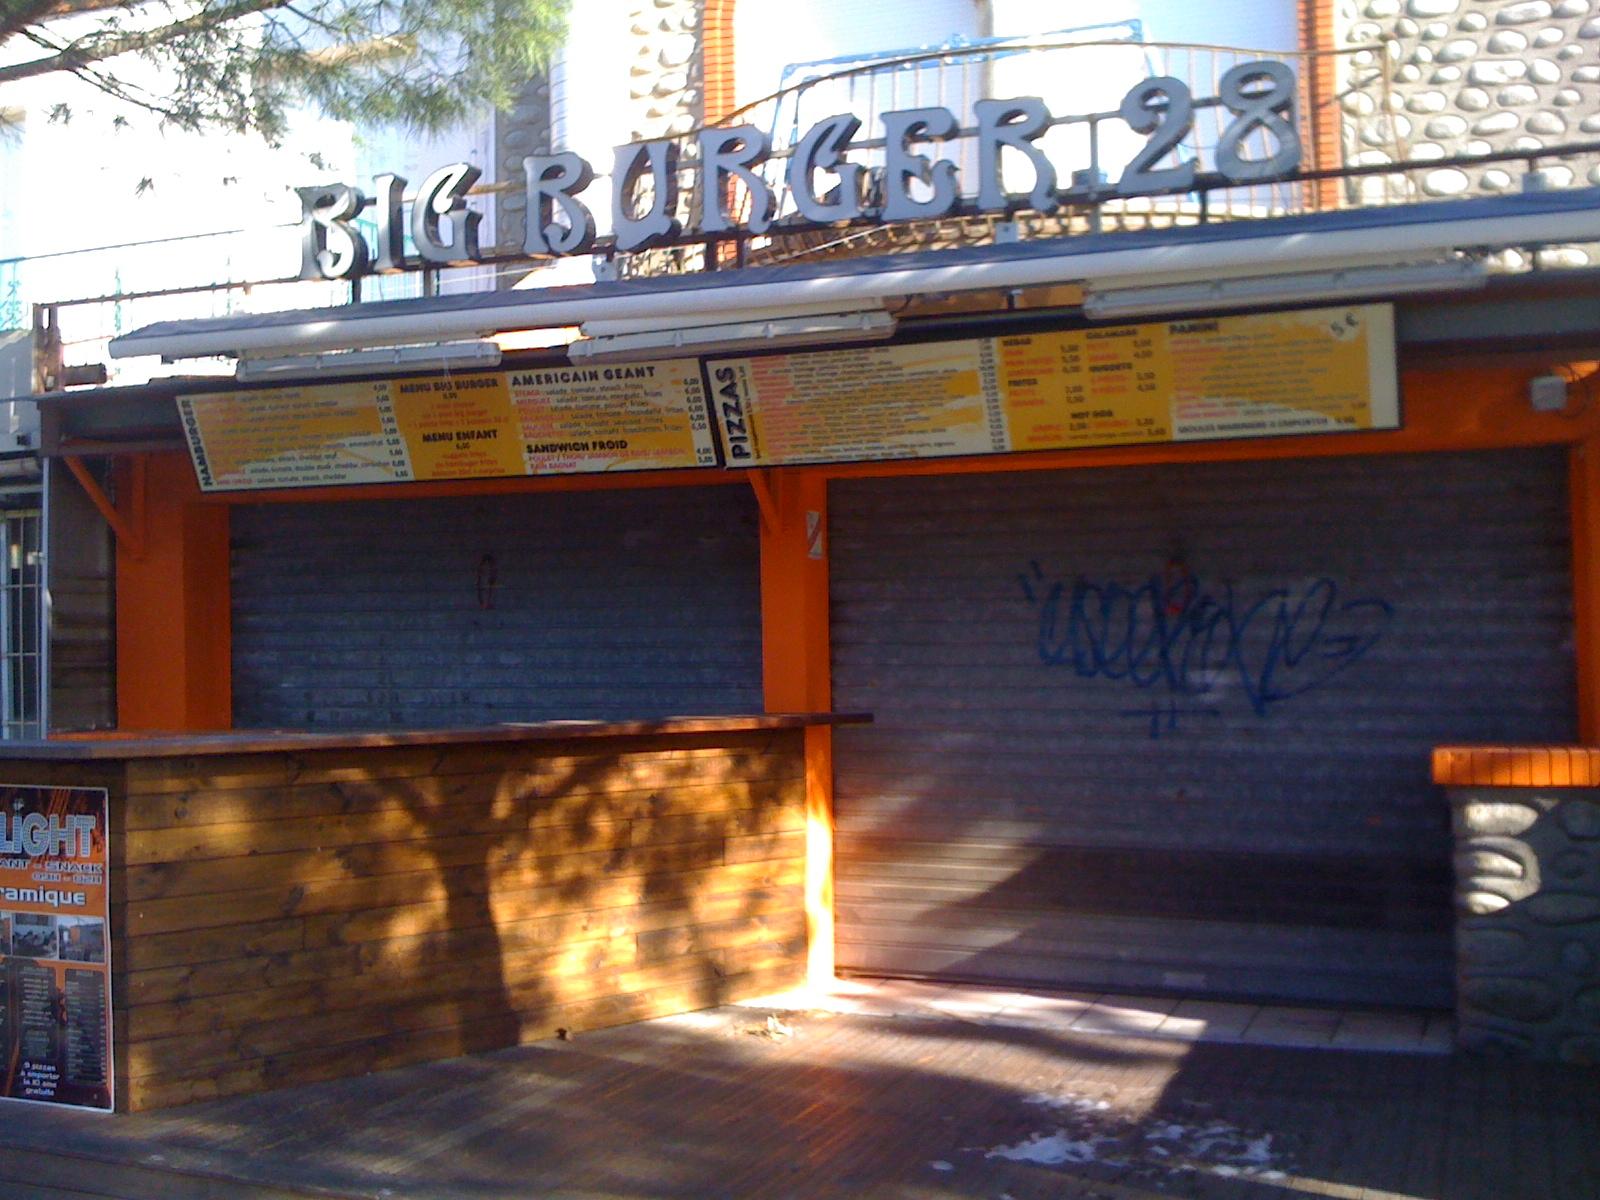 Big Burger 28 à Argelès-sur-Mer